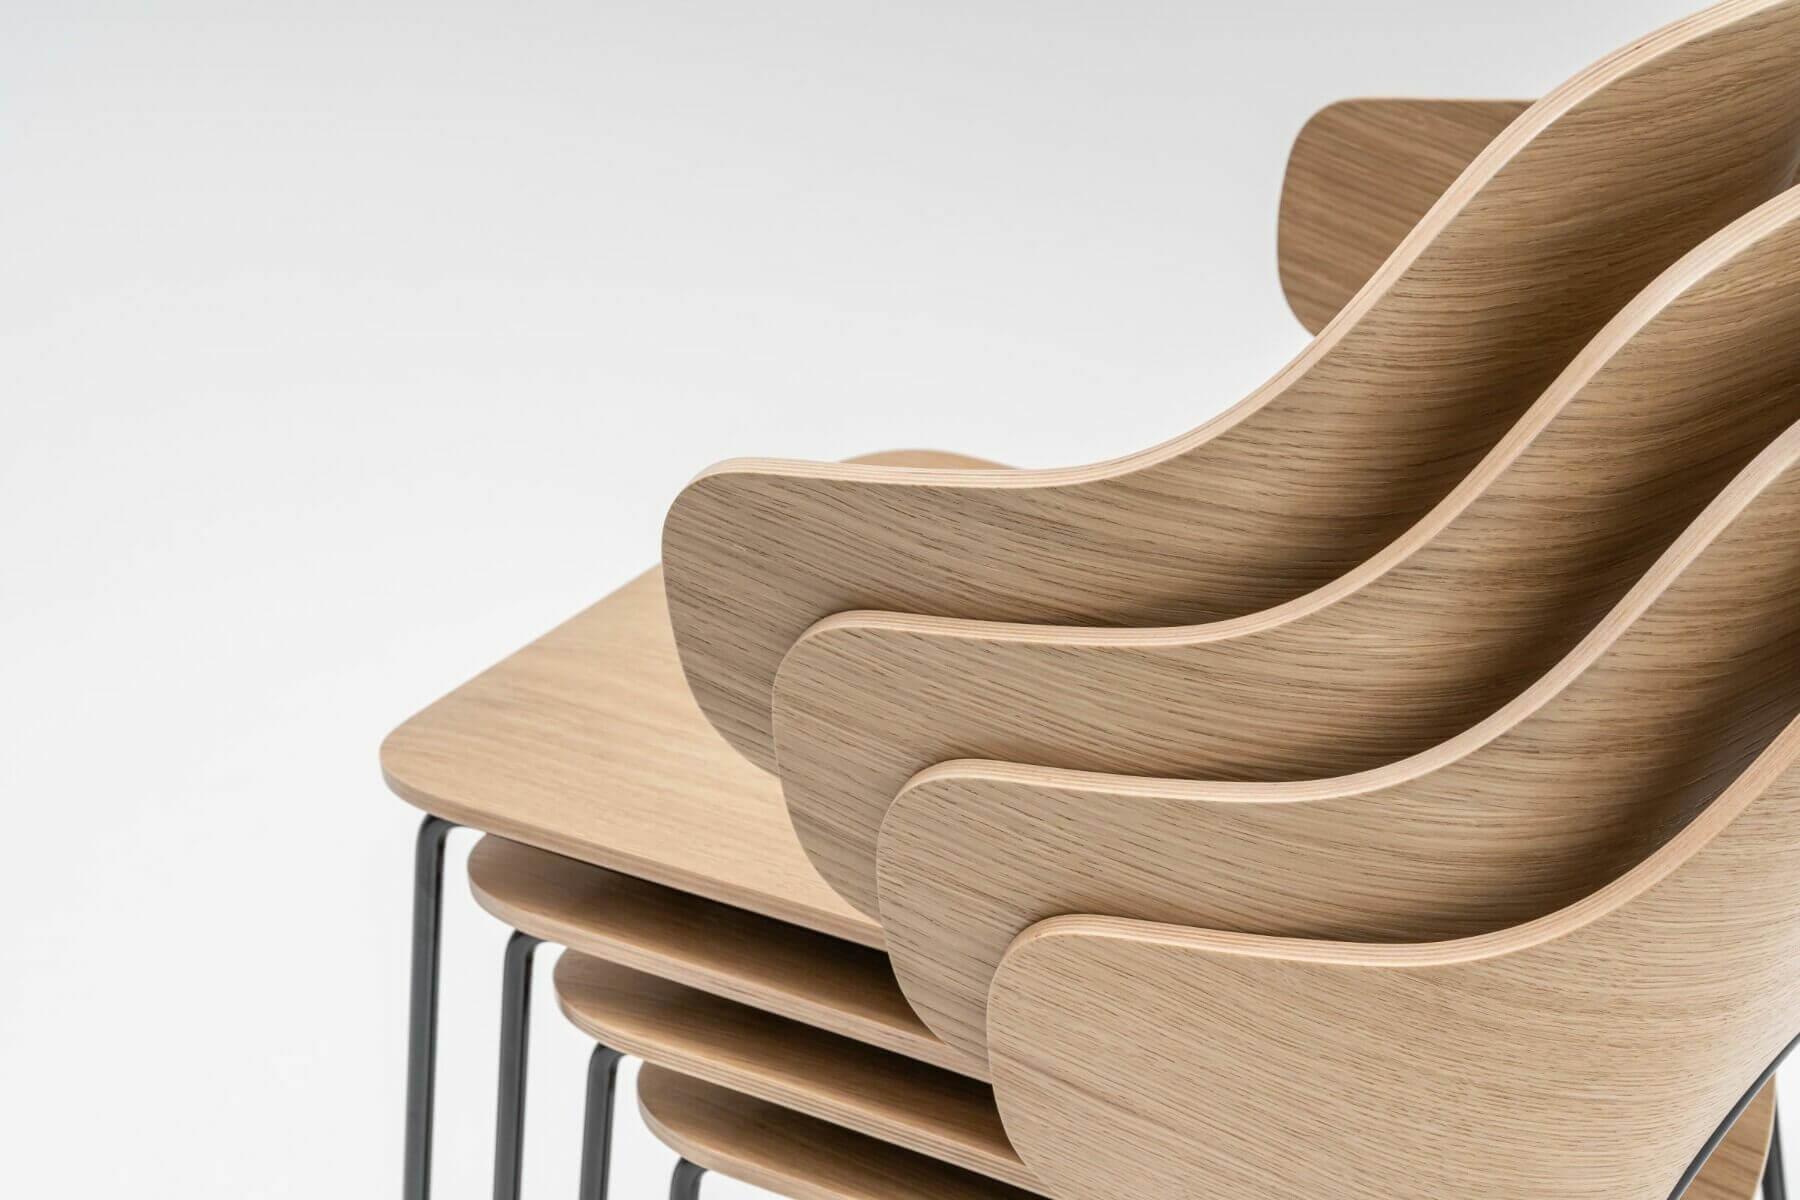 La chaise de restaurant pro FEEL est empilable par 5 unités.